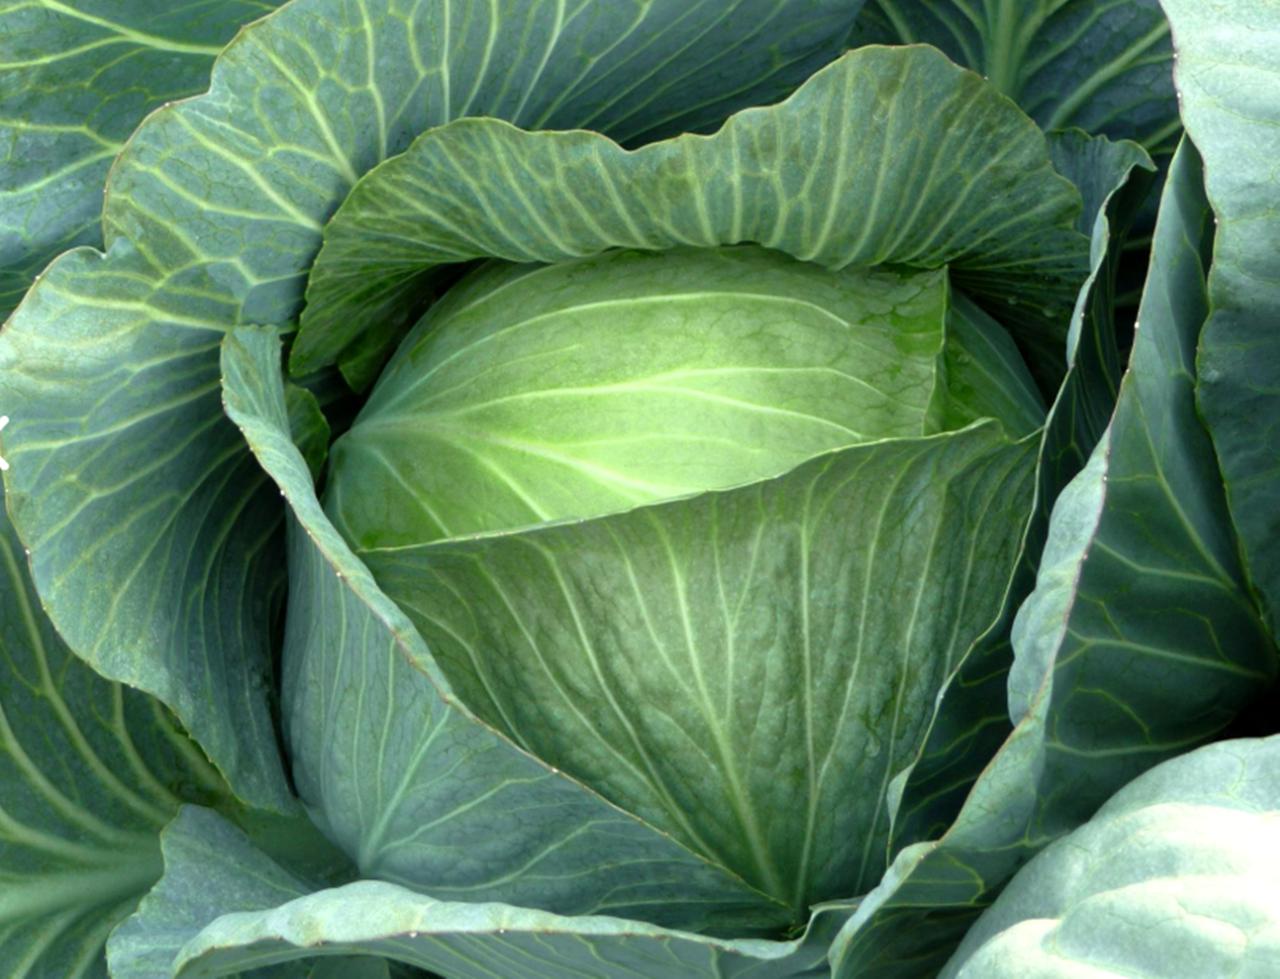 Капуста тобия: особенности и характеристика сорта, выращивание и уход